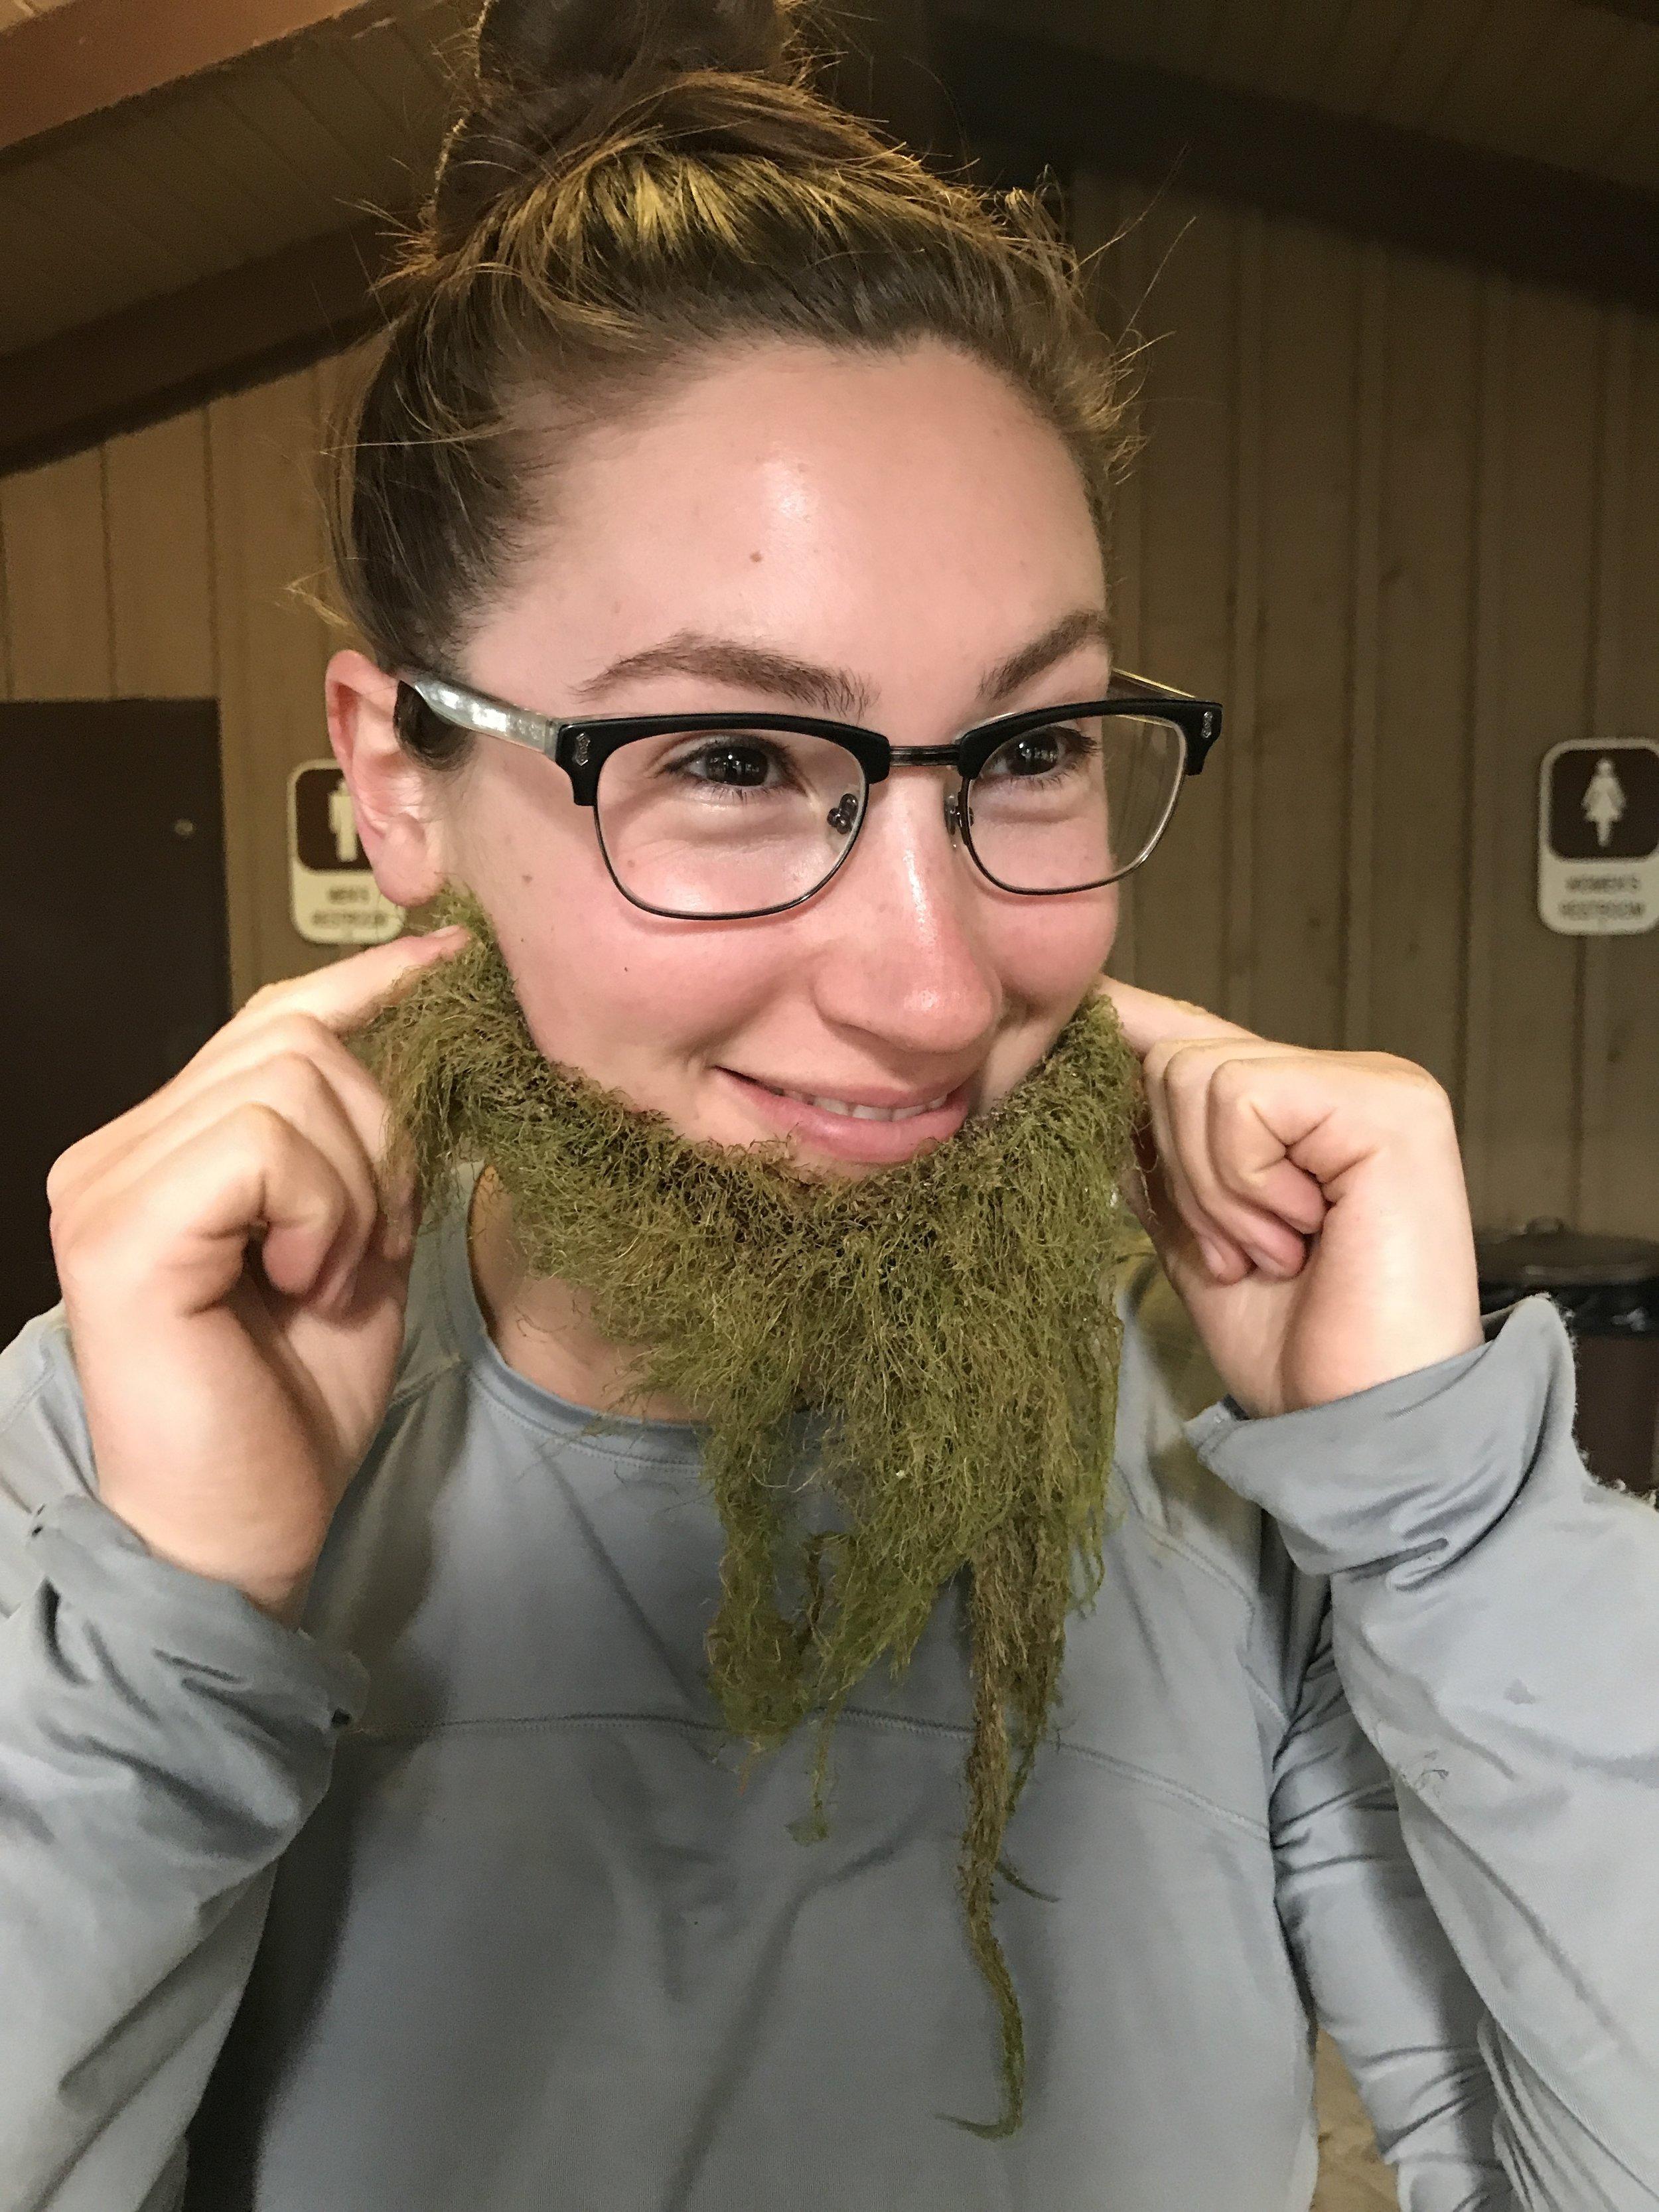 Jedi in a lichen beard